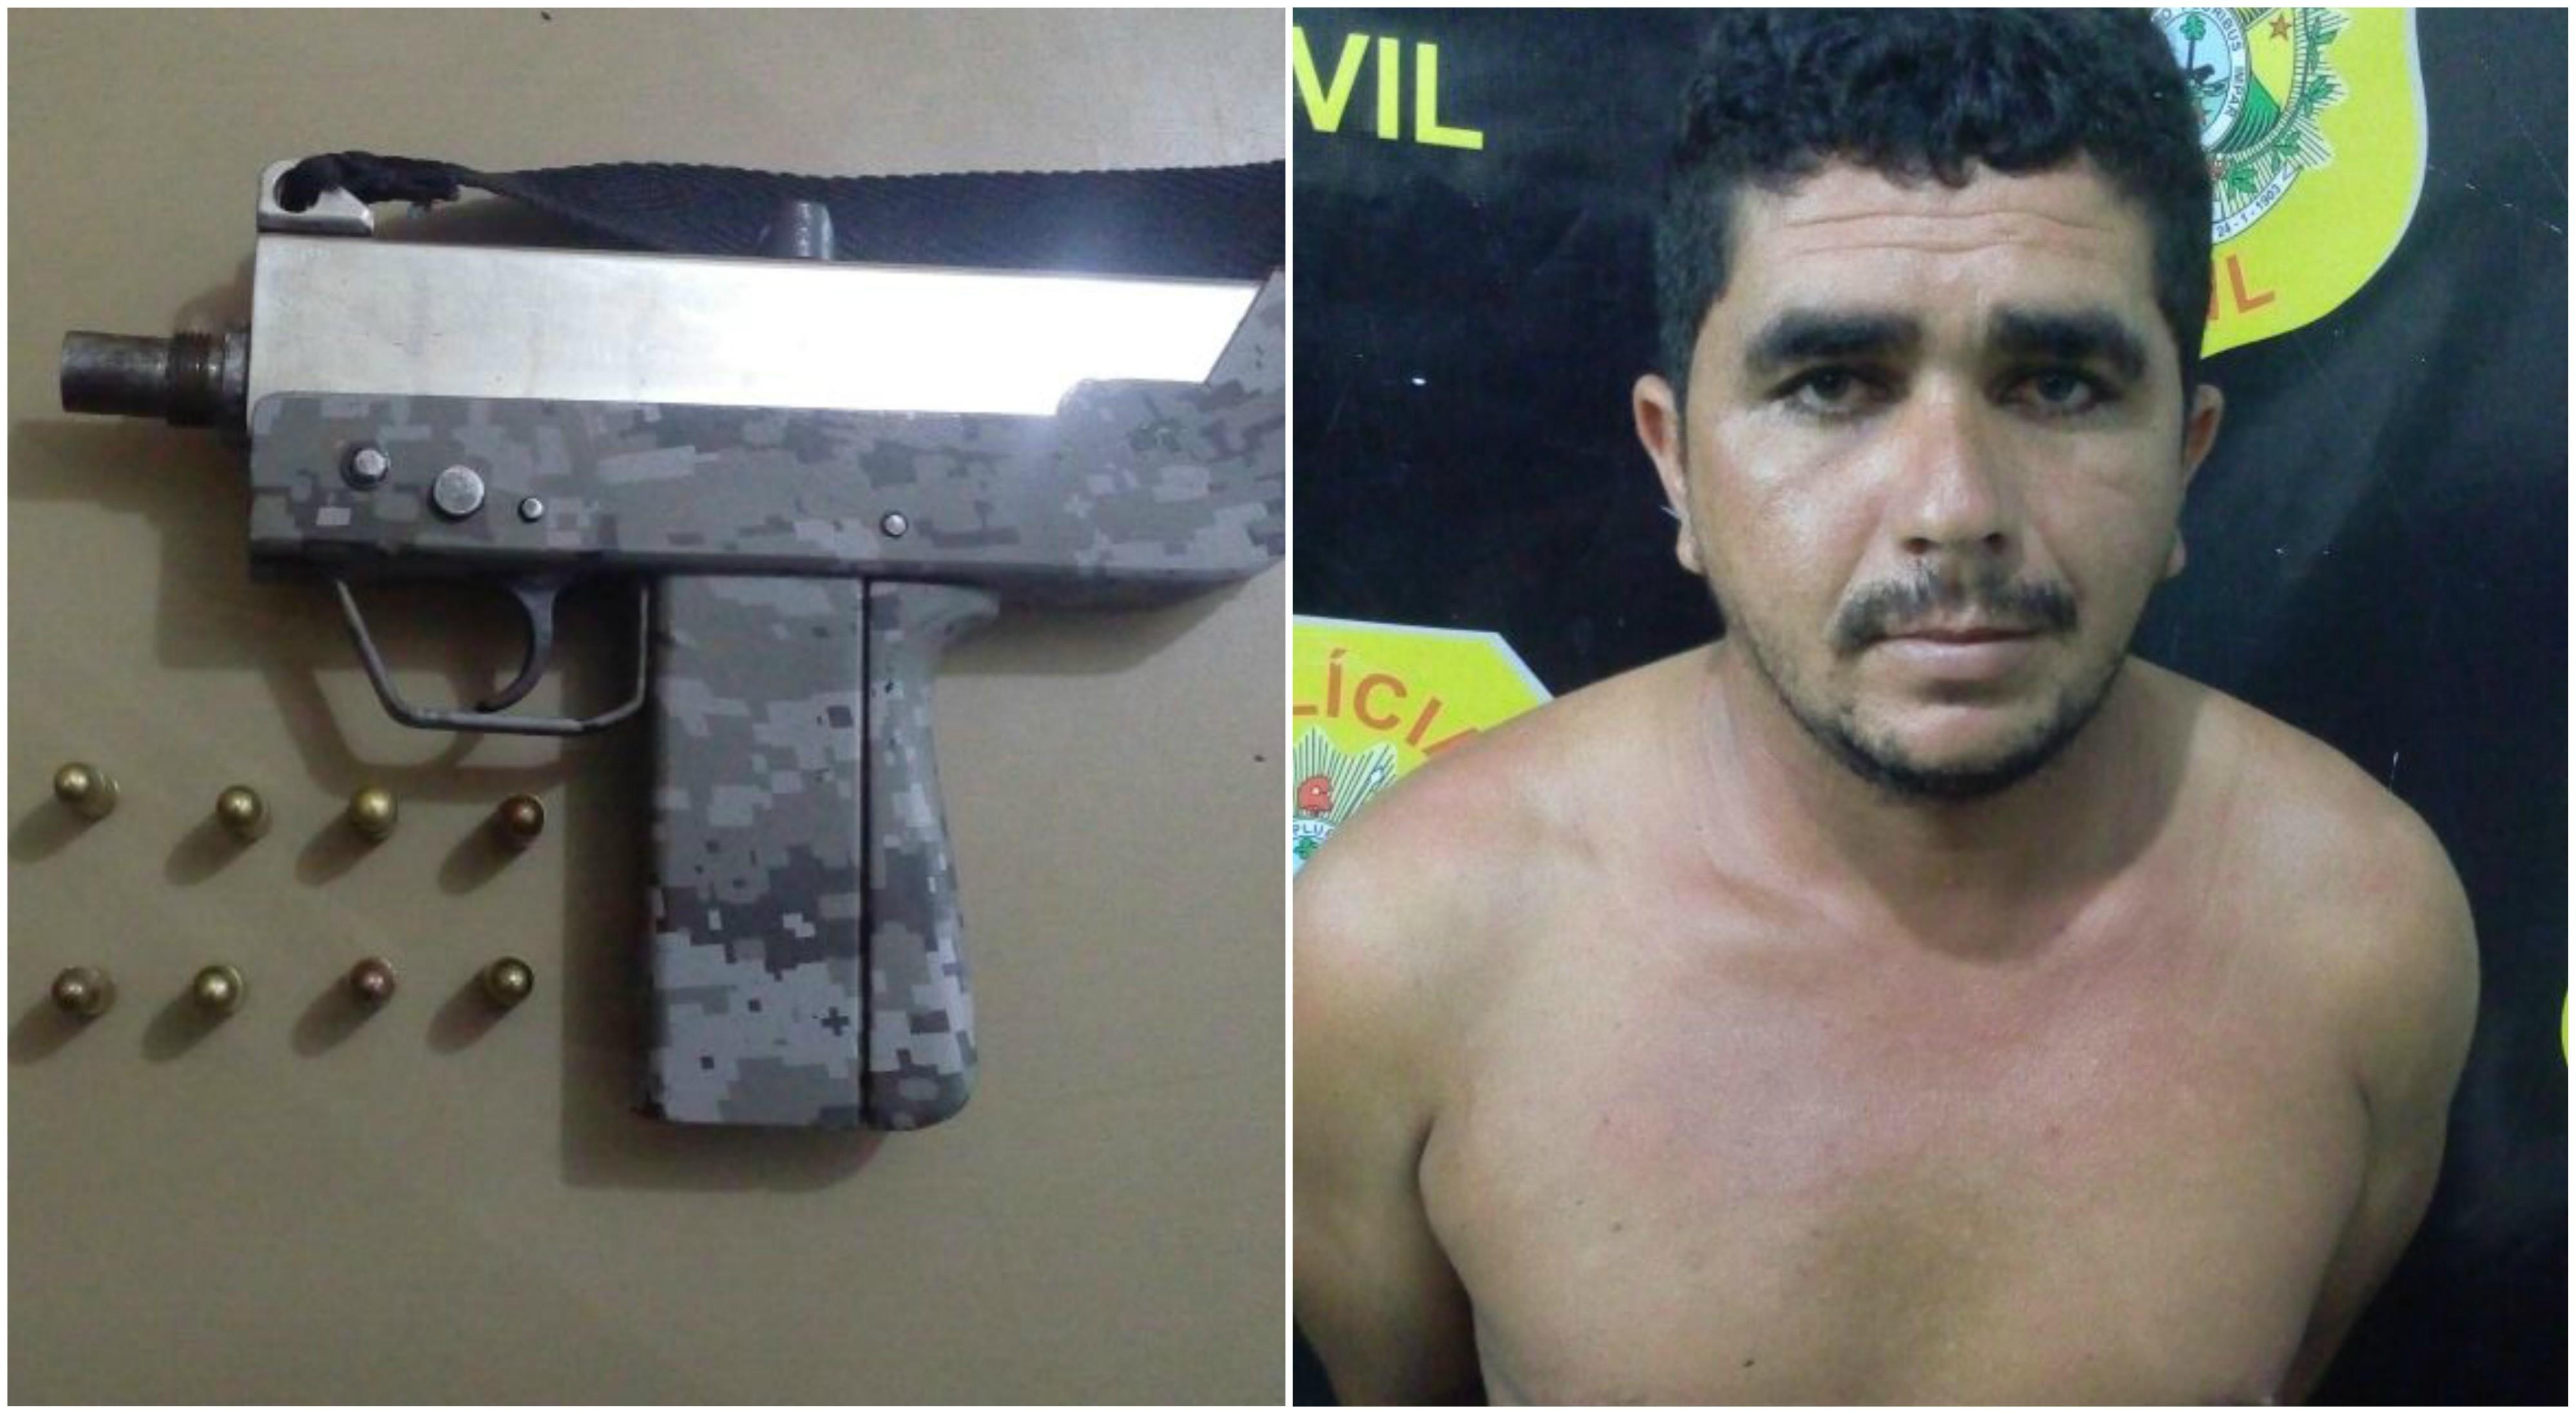 Homem é preso com submetralhadora em cidade do interior do Acre